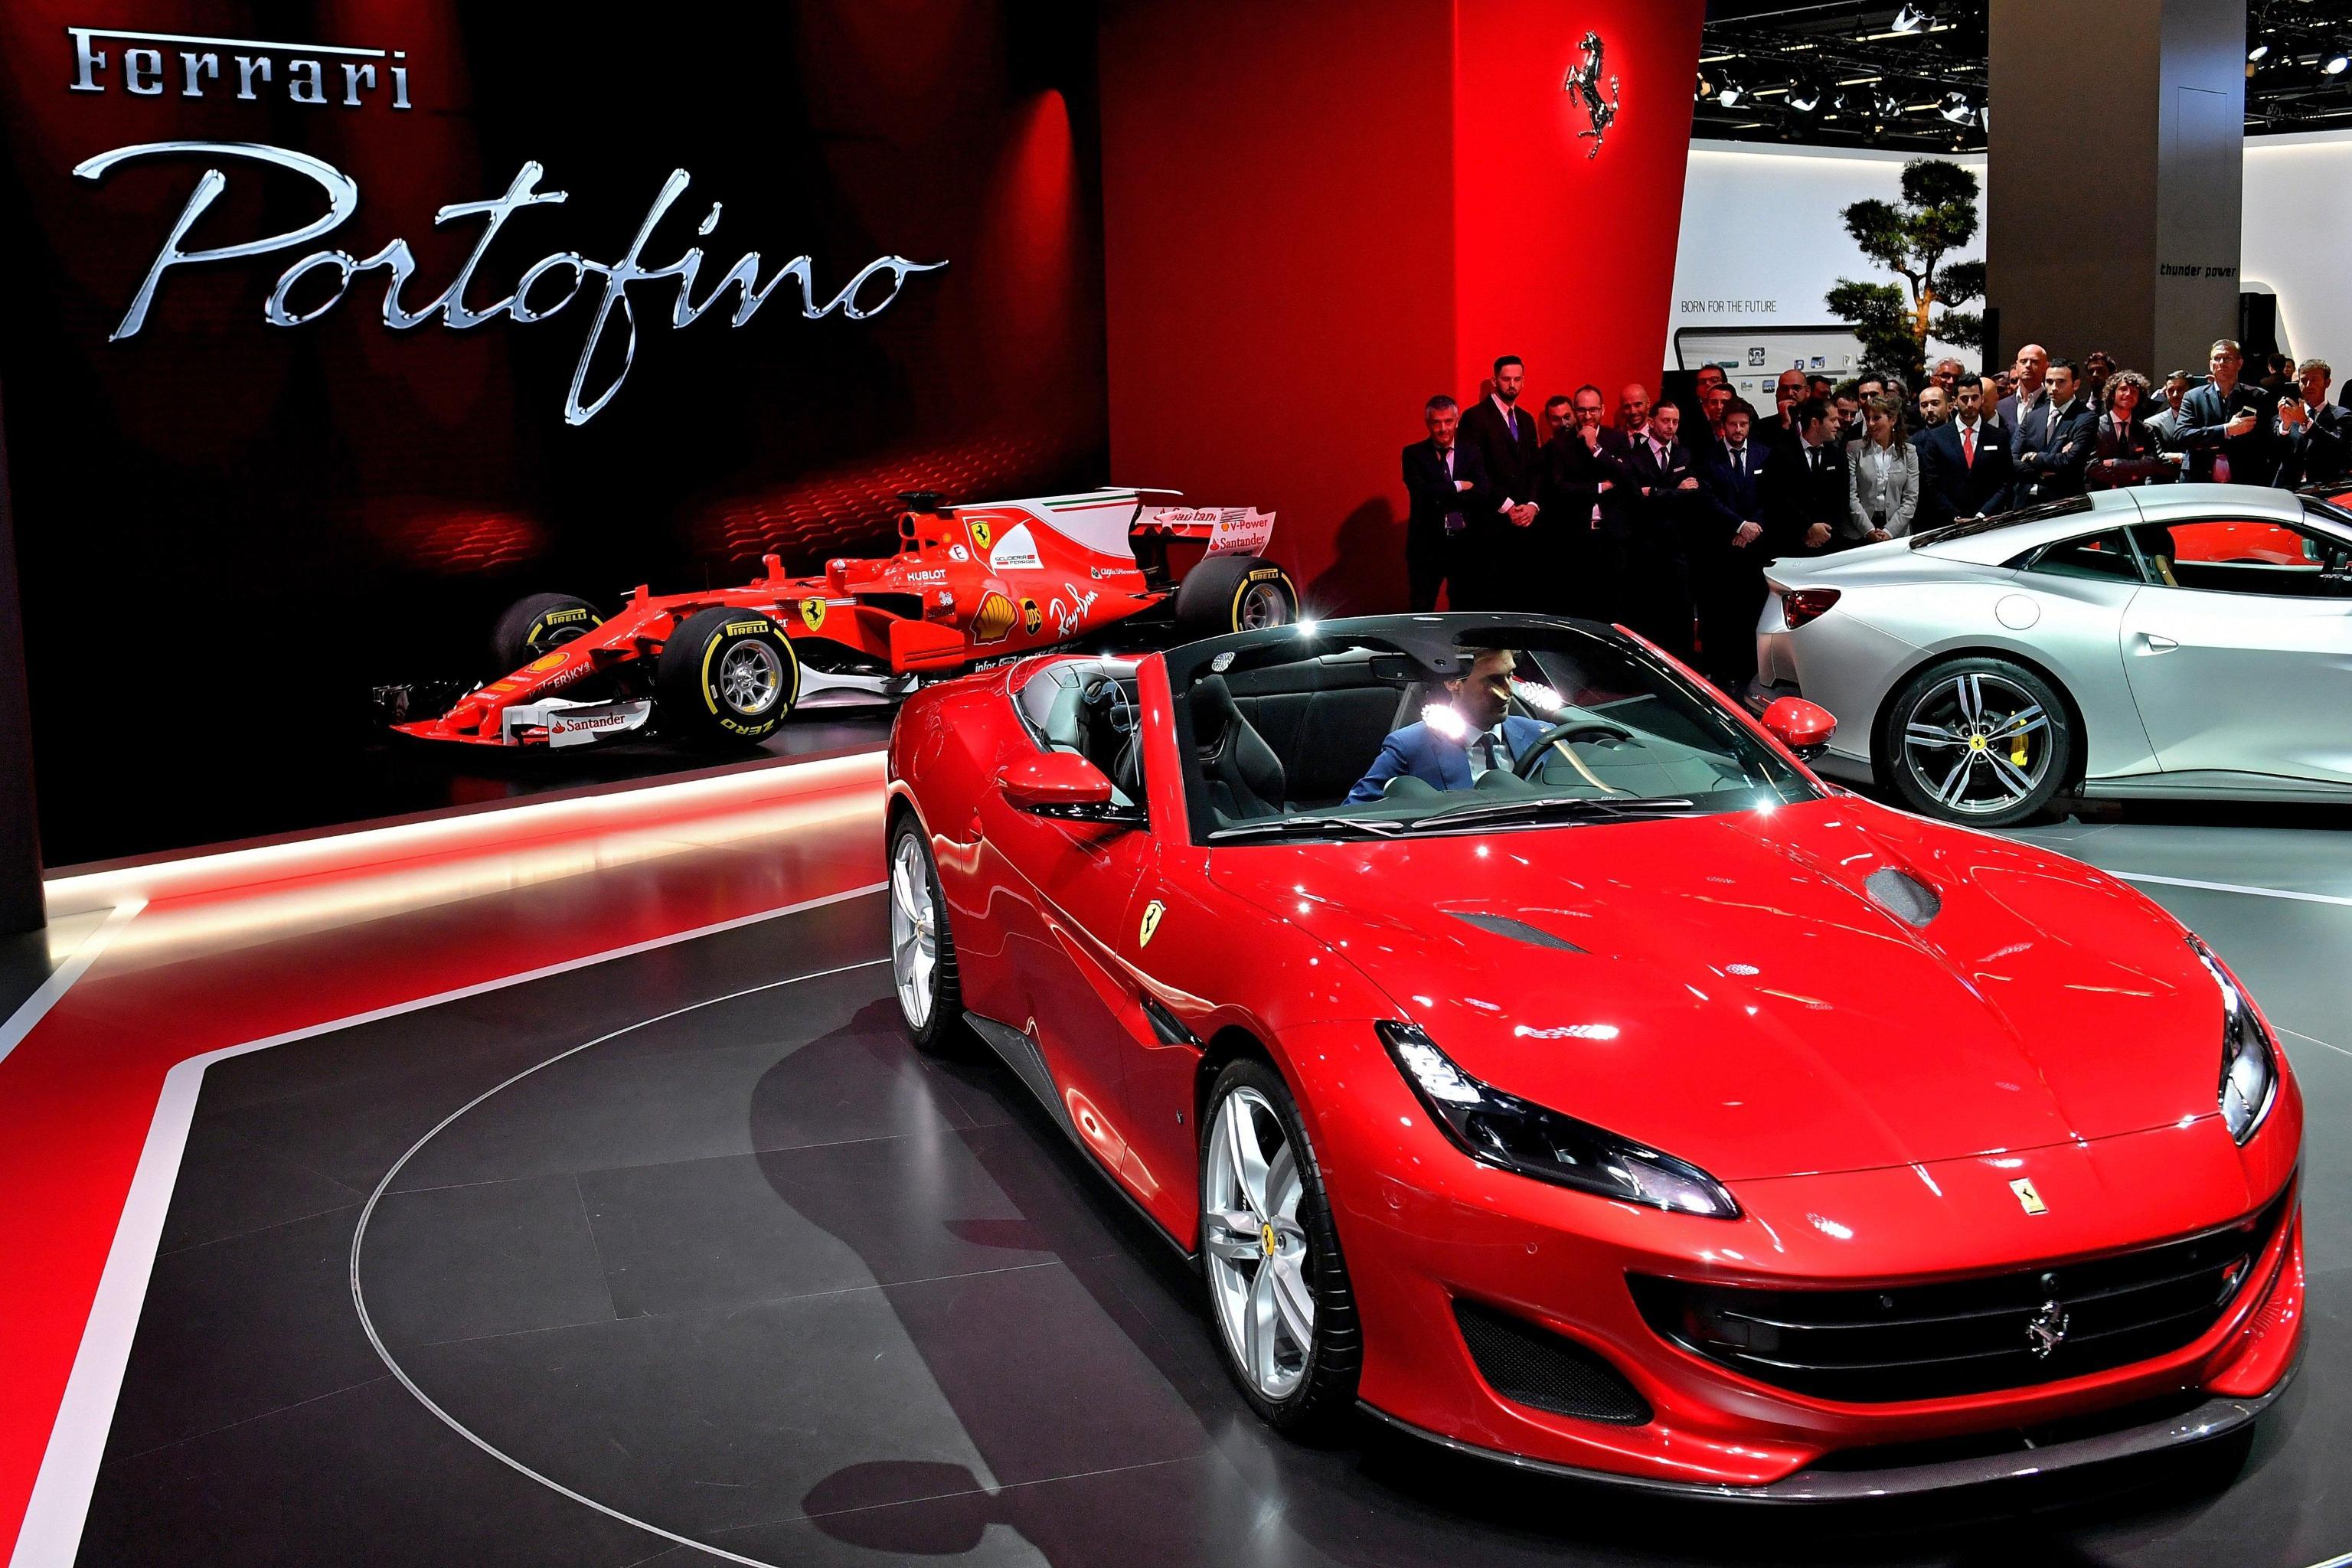 Ferrari Portofino auto di lusso 2018